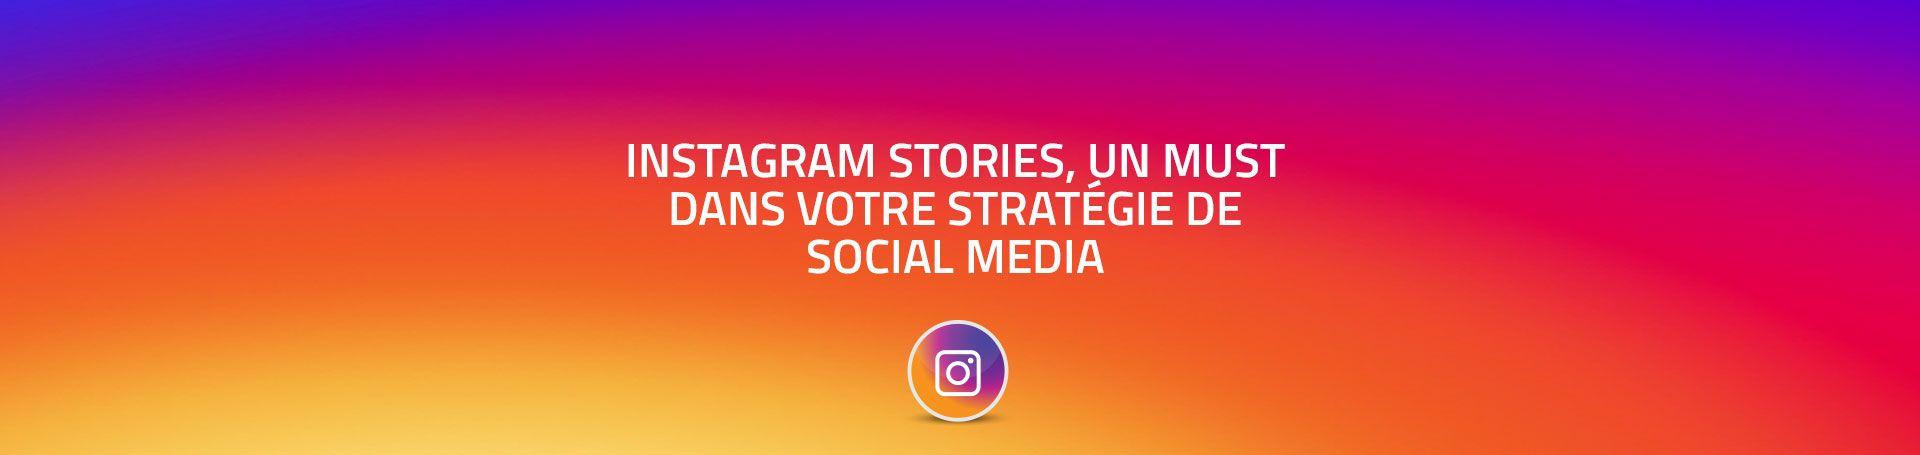 Instagram stories un must dans votre strat gie de social media liftingroup - Cabinet conseil strategie digitale ...